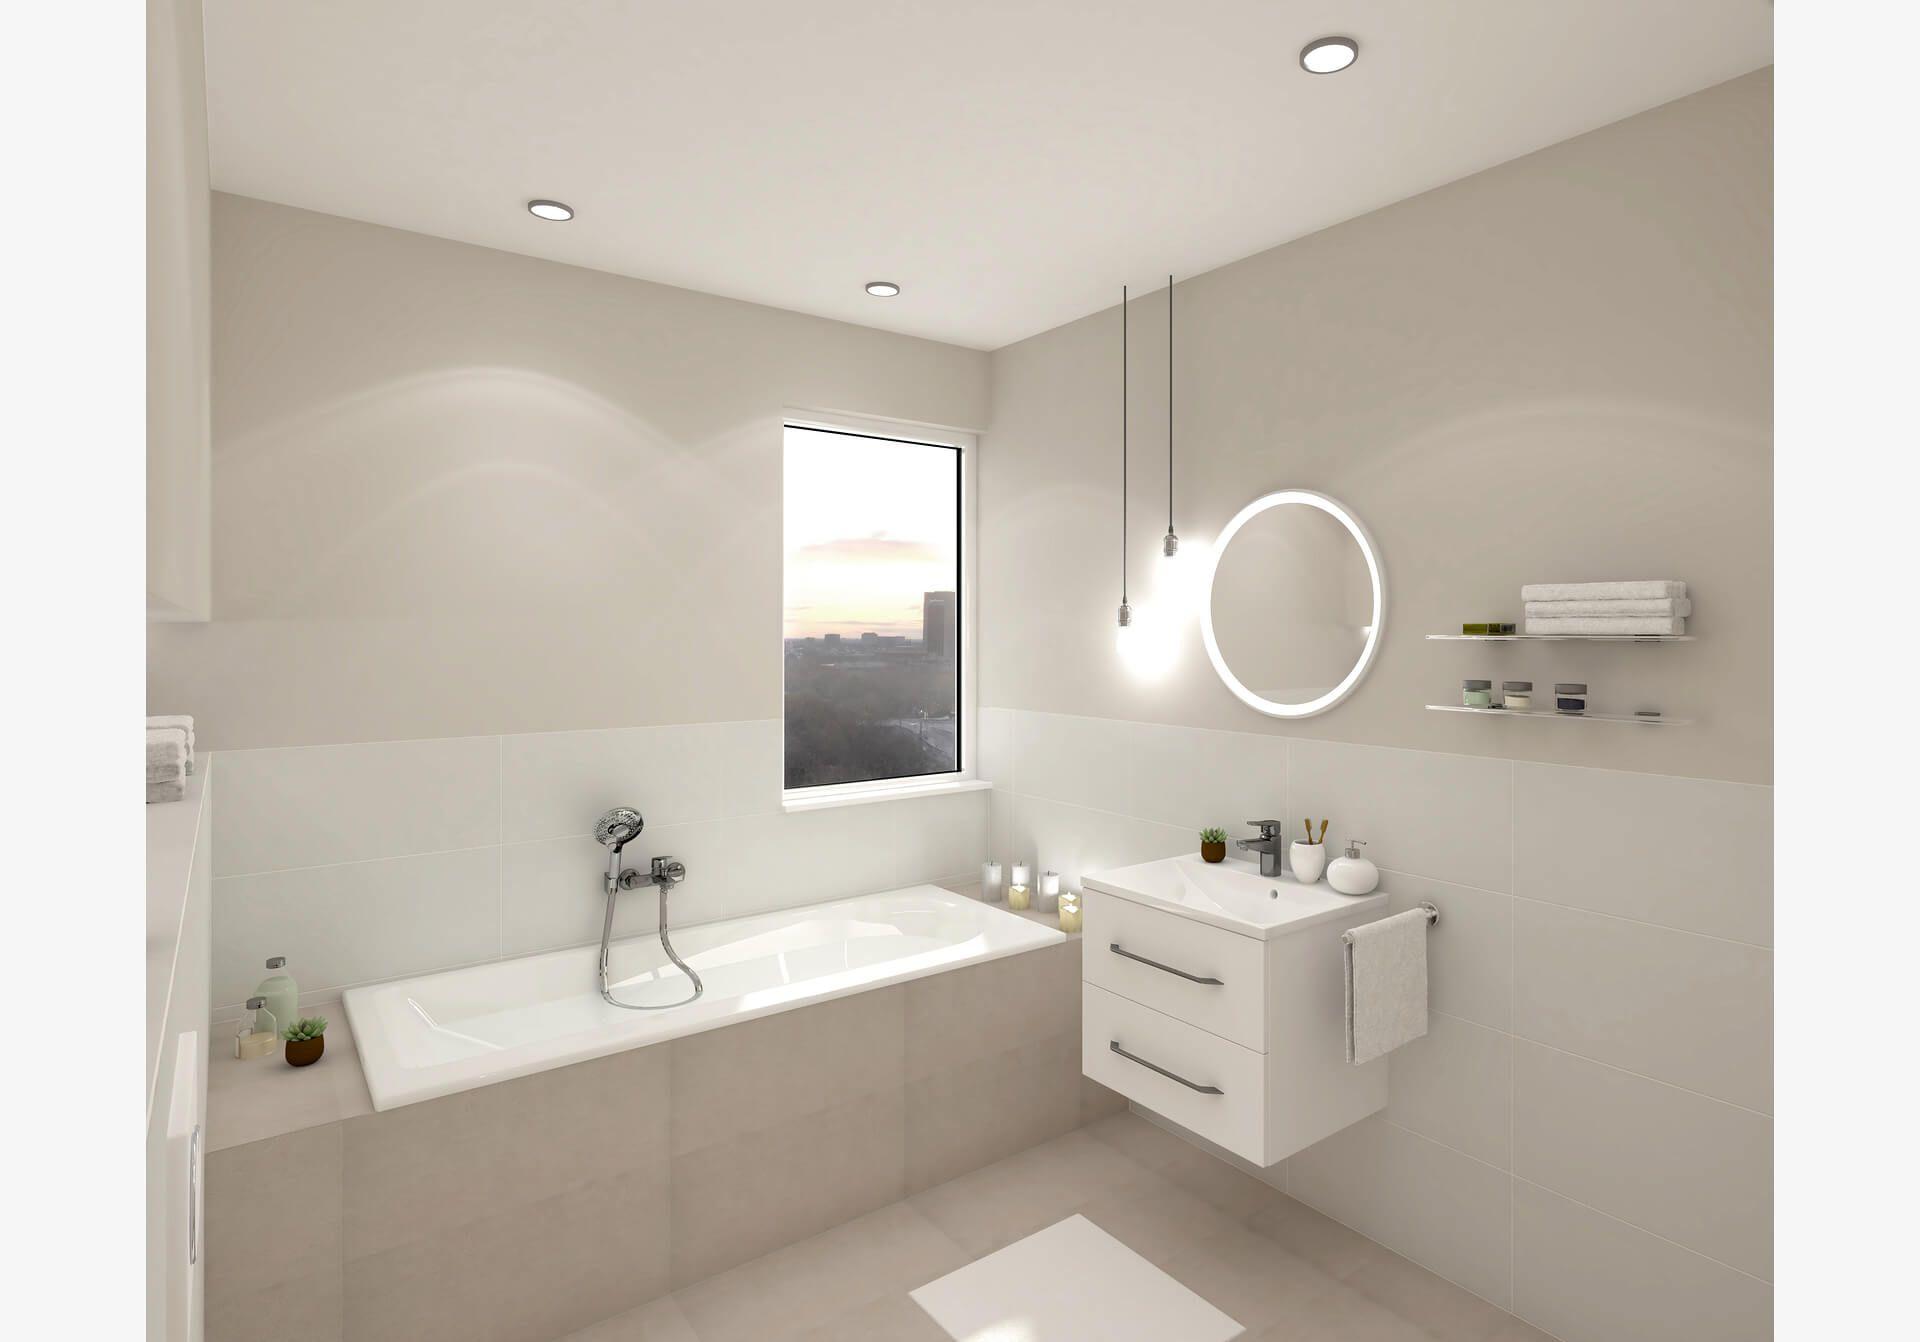 Badplaner Jetzt Badezimmer Planen Mit Obi In 2020 Badezimmer Planen Helle Badezimmer Badezimmer